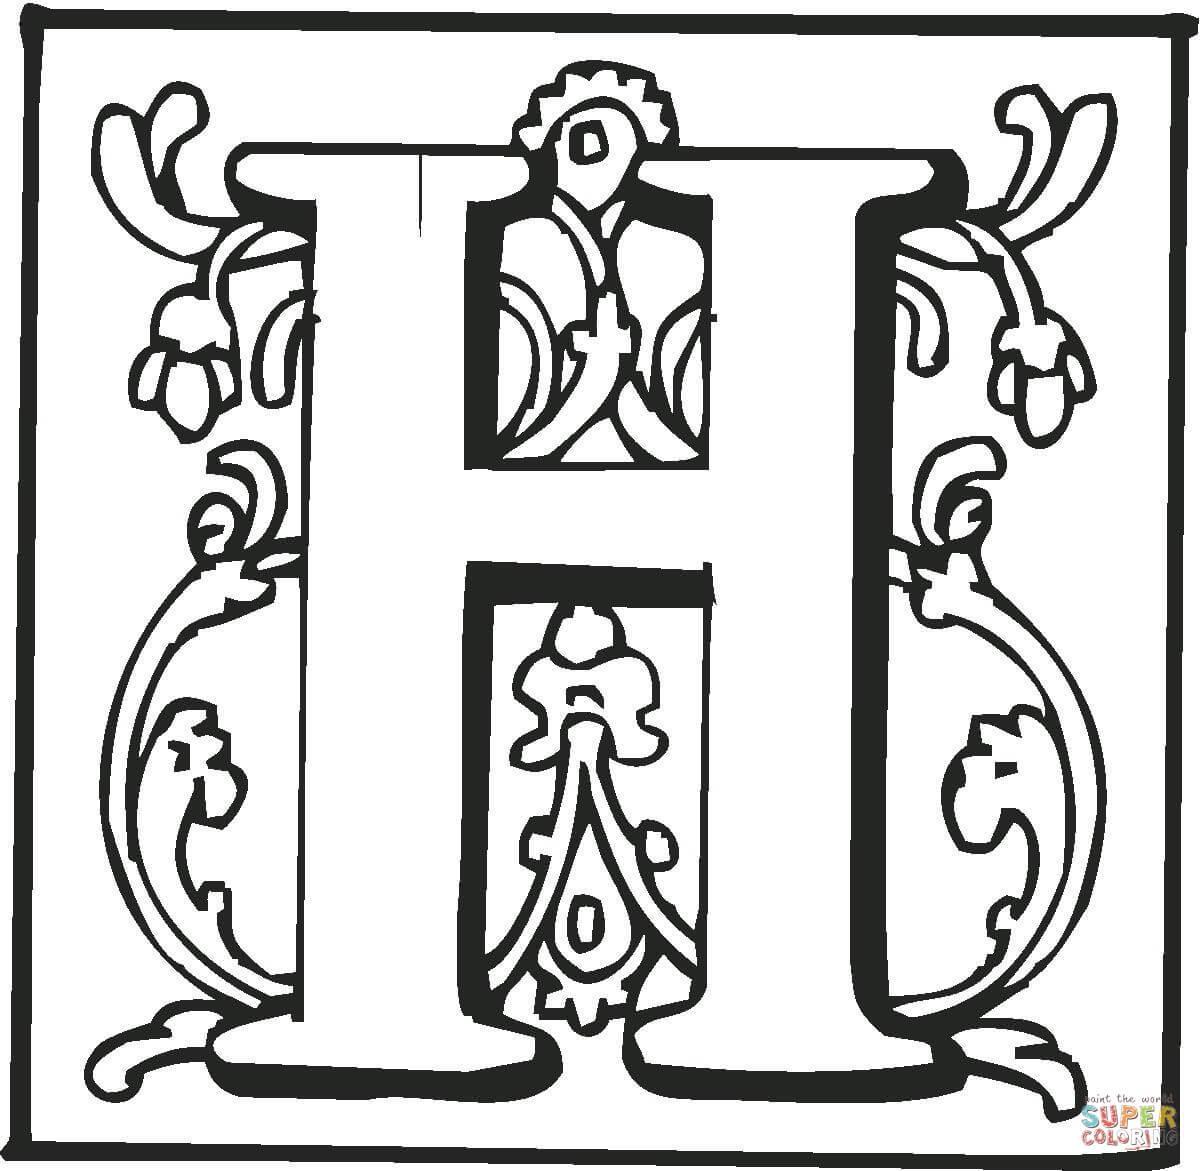 старославянский алфавит картинки для раскрашивания про помощь